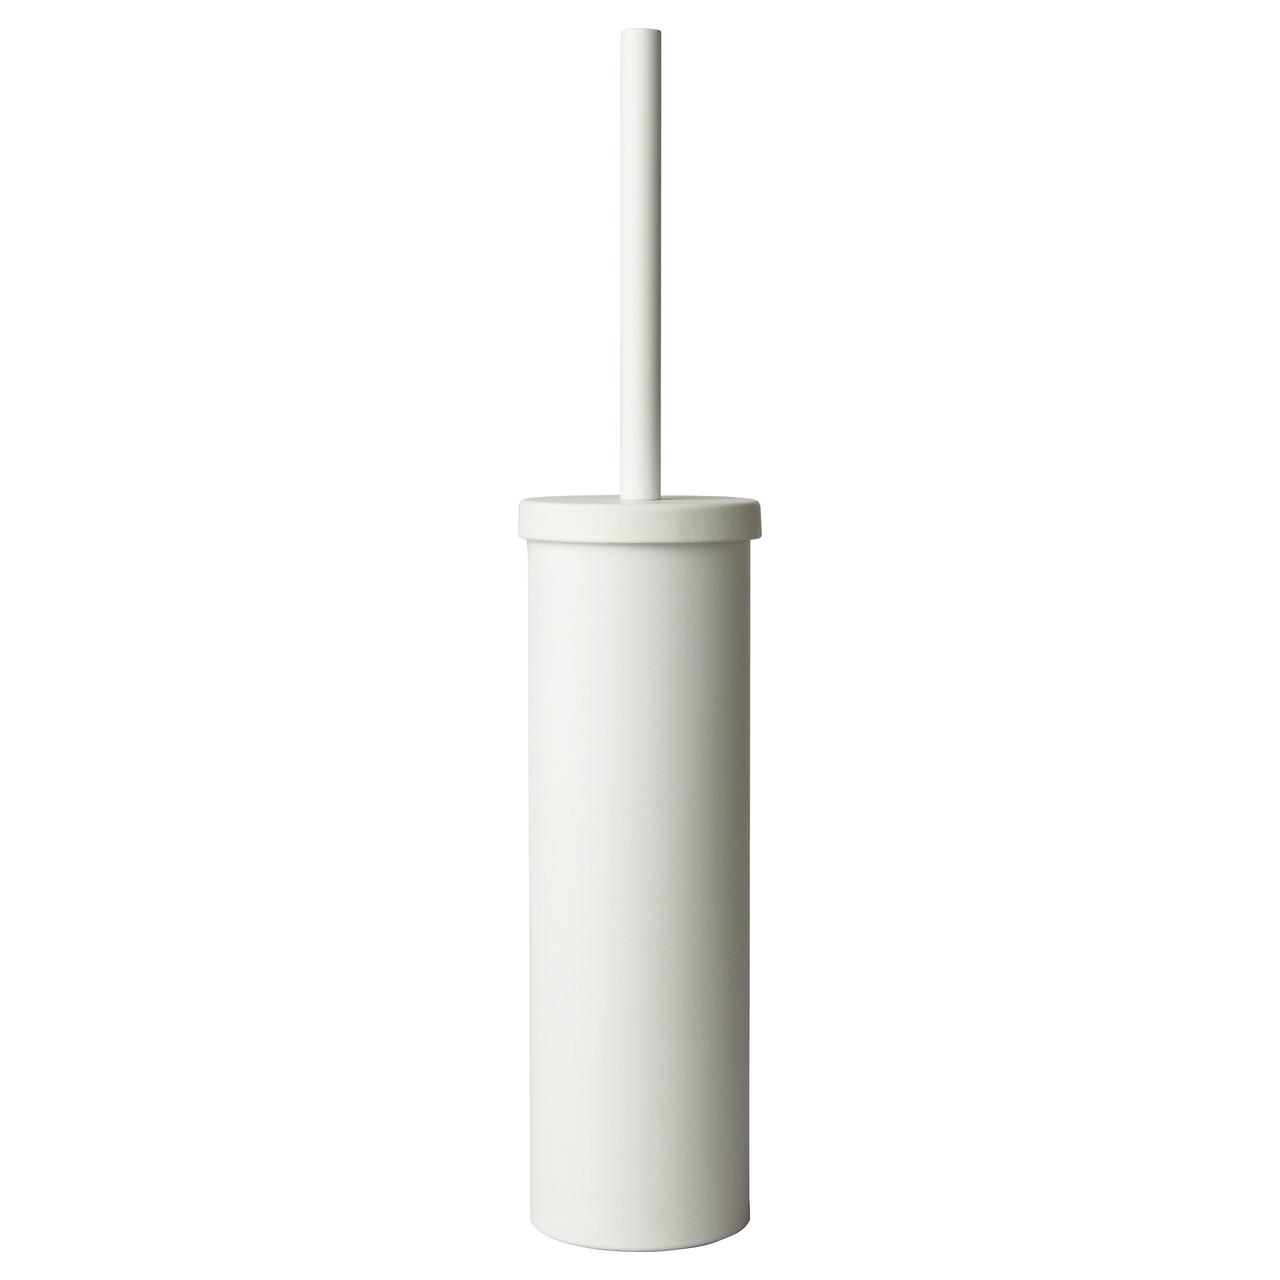 ЭНУДДЭН Щетка для унитаза, белый 30197260 ИКЕА, IKEA, ENUDDEN